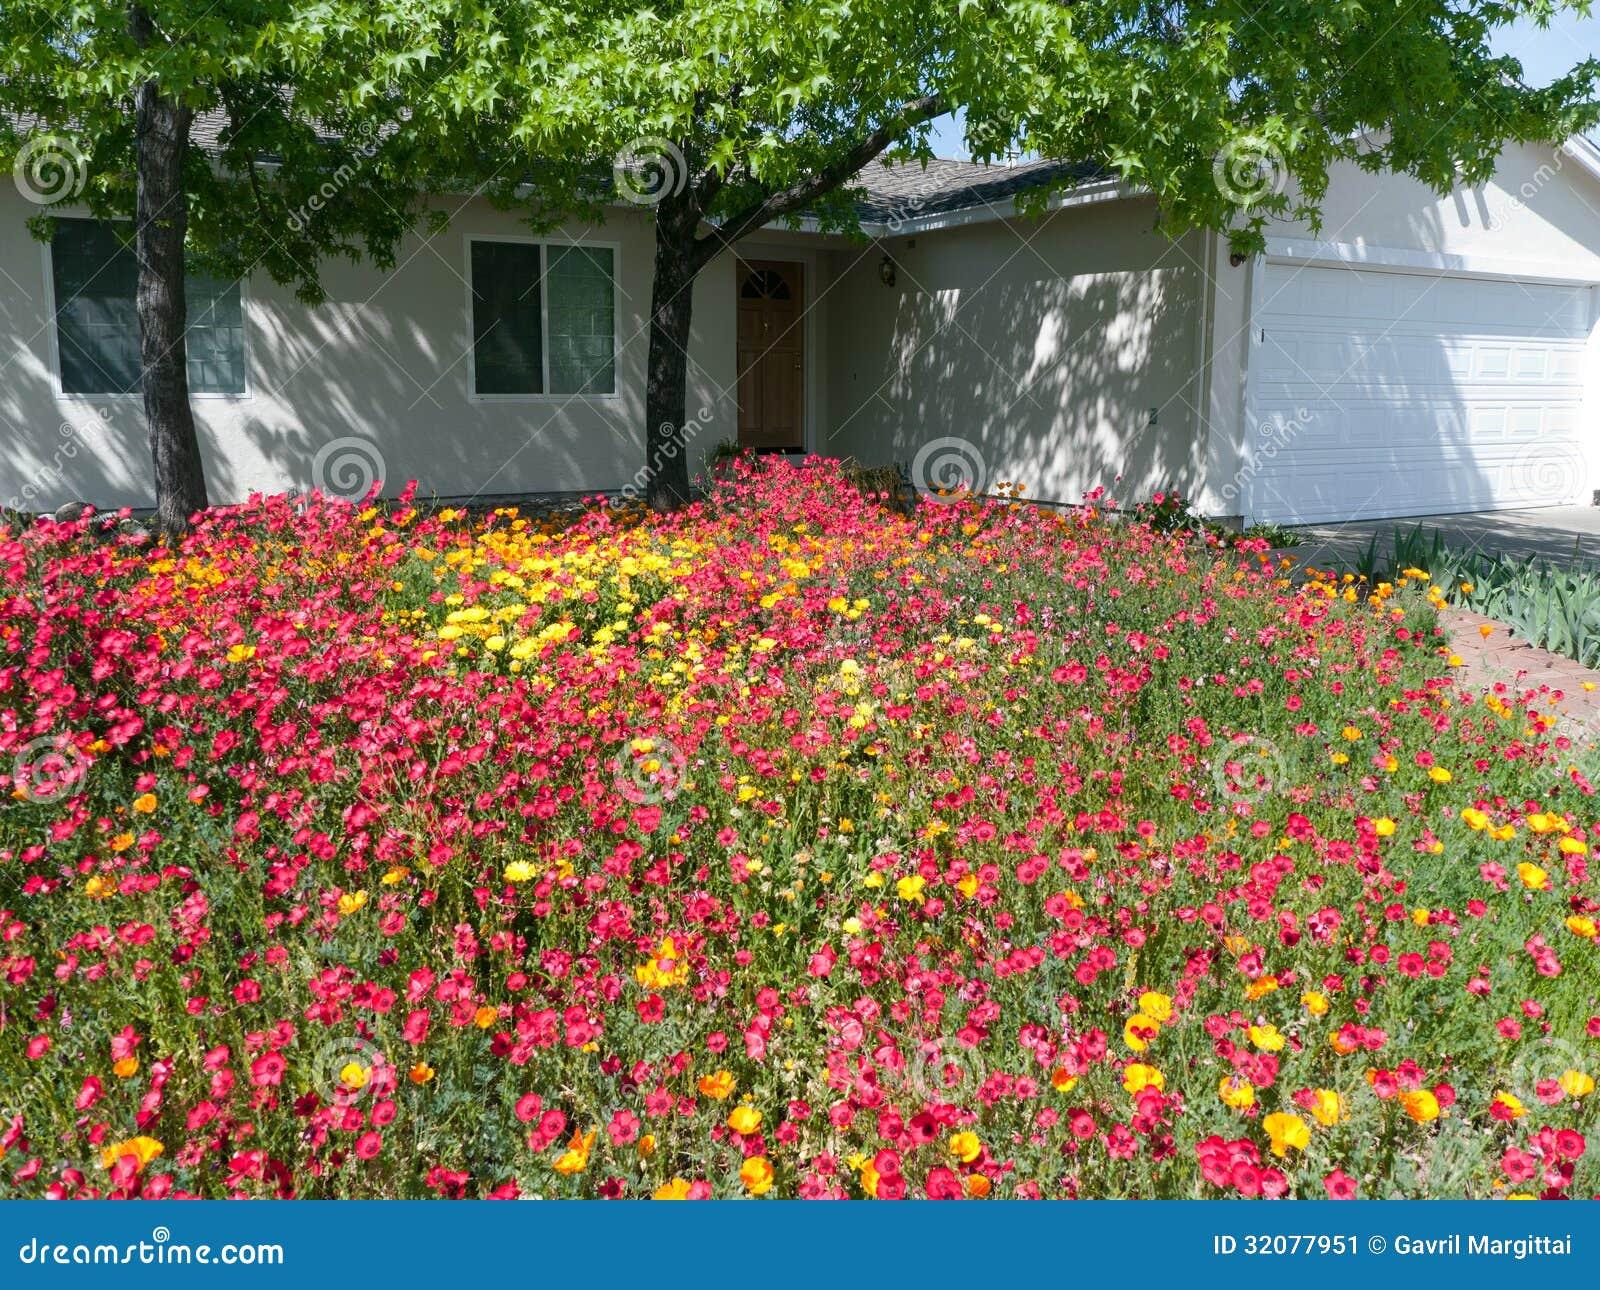 Wilde Blumen Im Vorgarten Stockbild Bild Von Bluhen 32077951